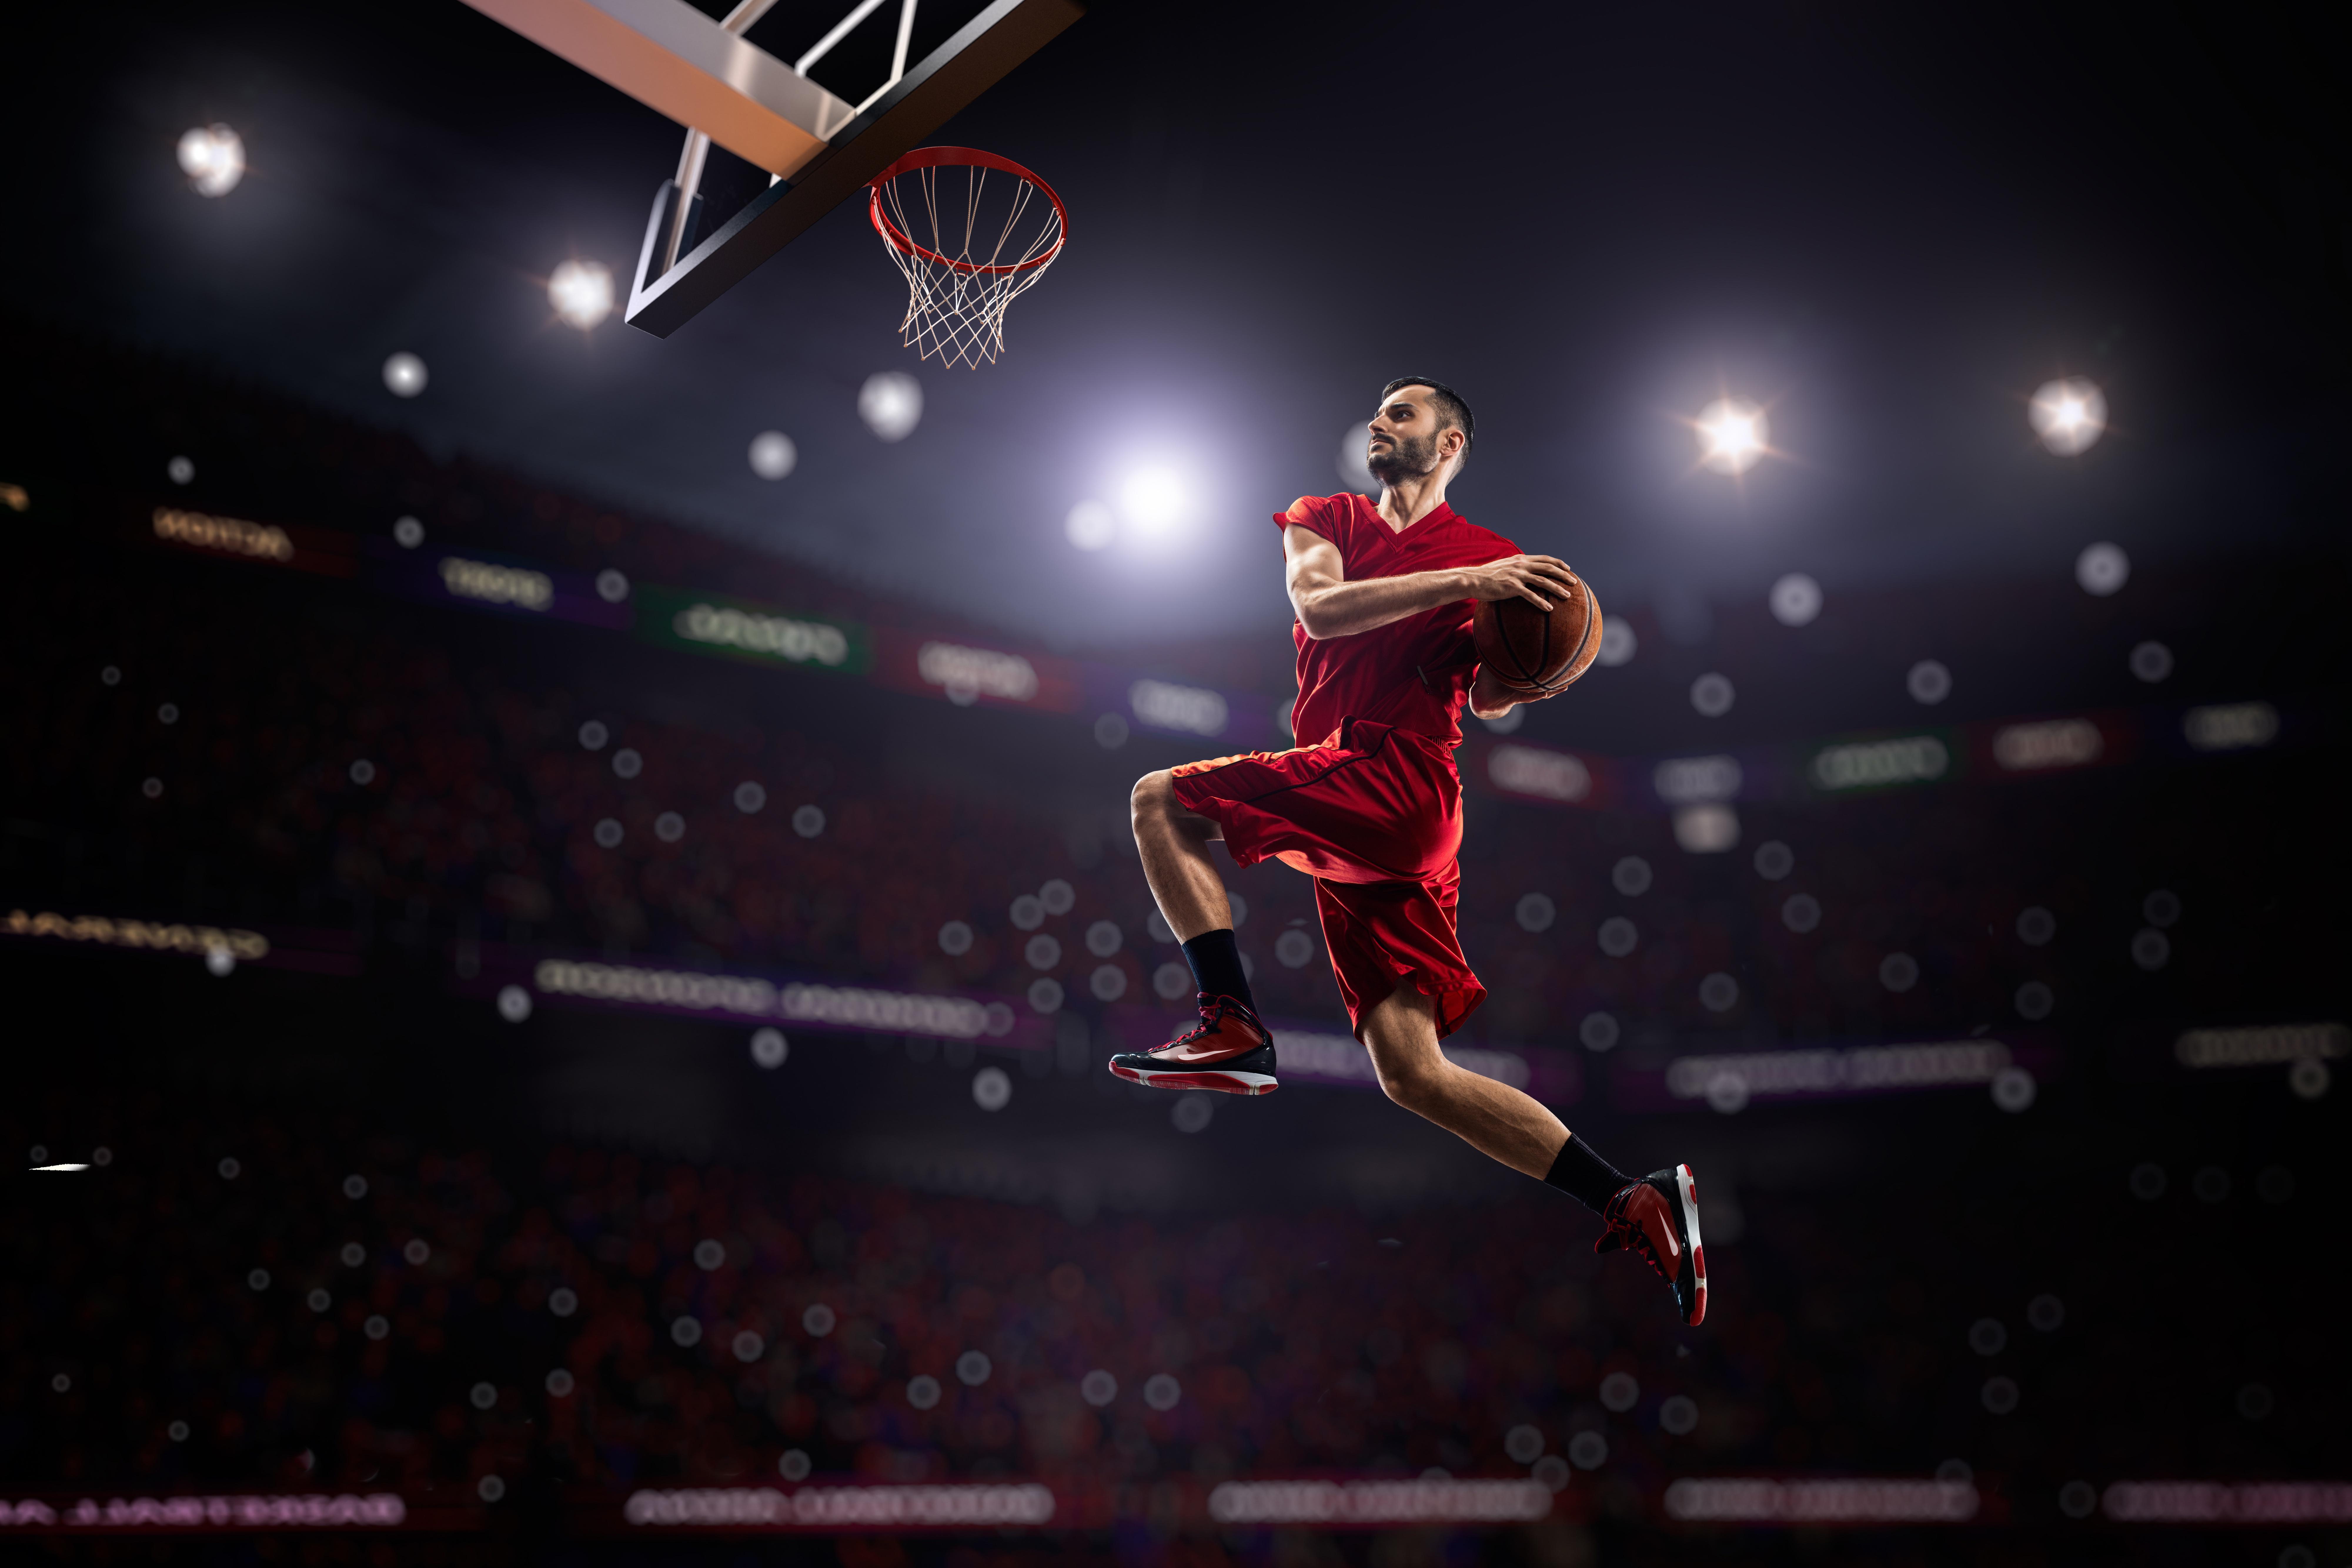 Sport Wallpaper Basketball: Basketball 8k Ultra HD Wallpaper